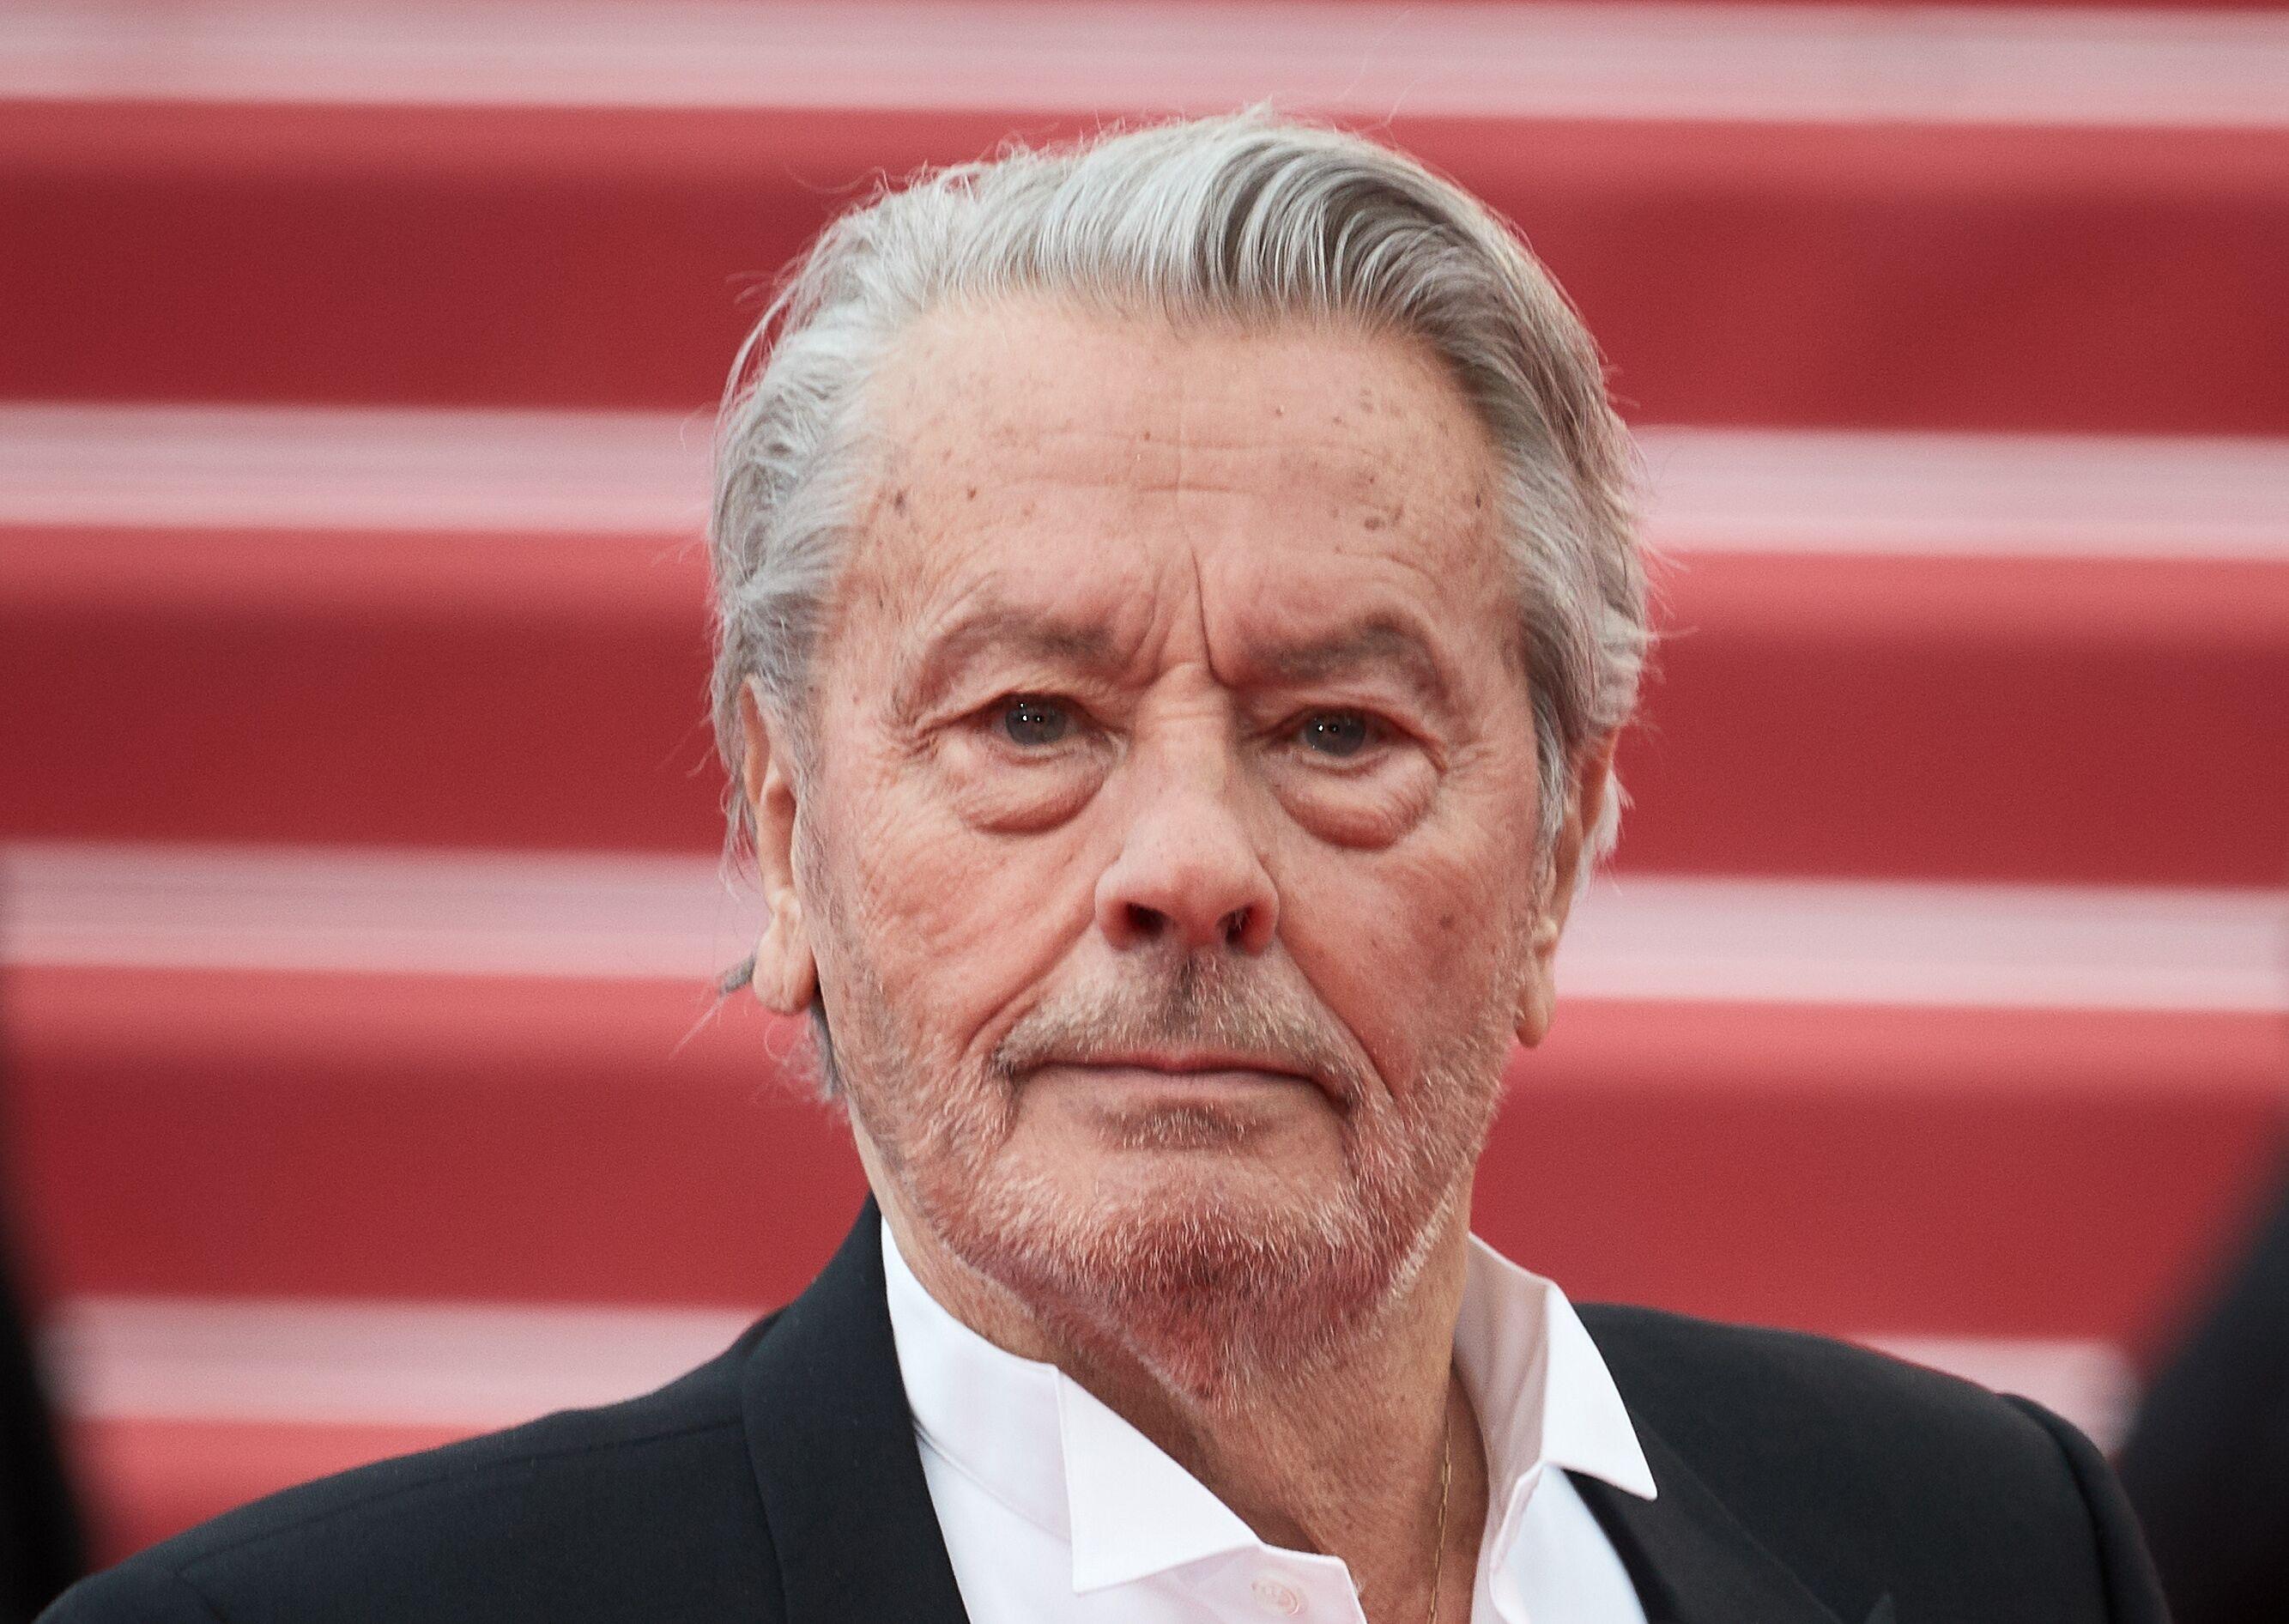 PHOTOS Alain Delon à Cannes : cet affront qui pourrait dévaster ses fils Anthony et Alain-Fabien